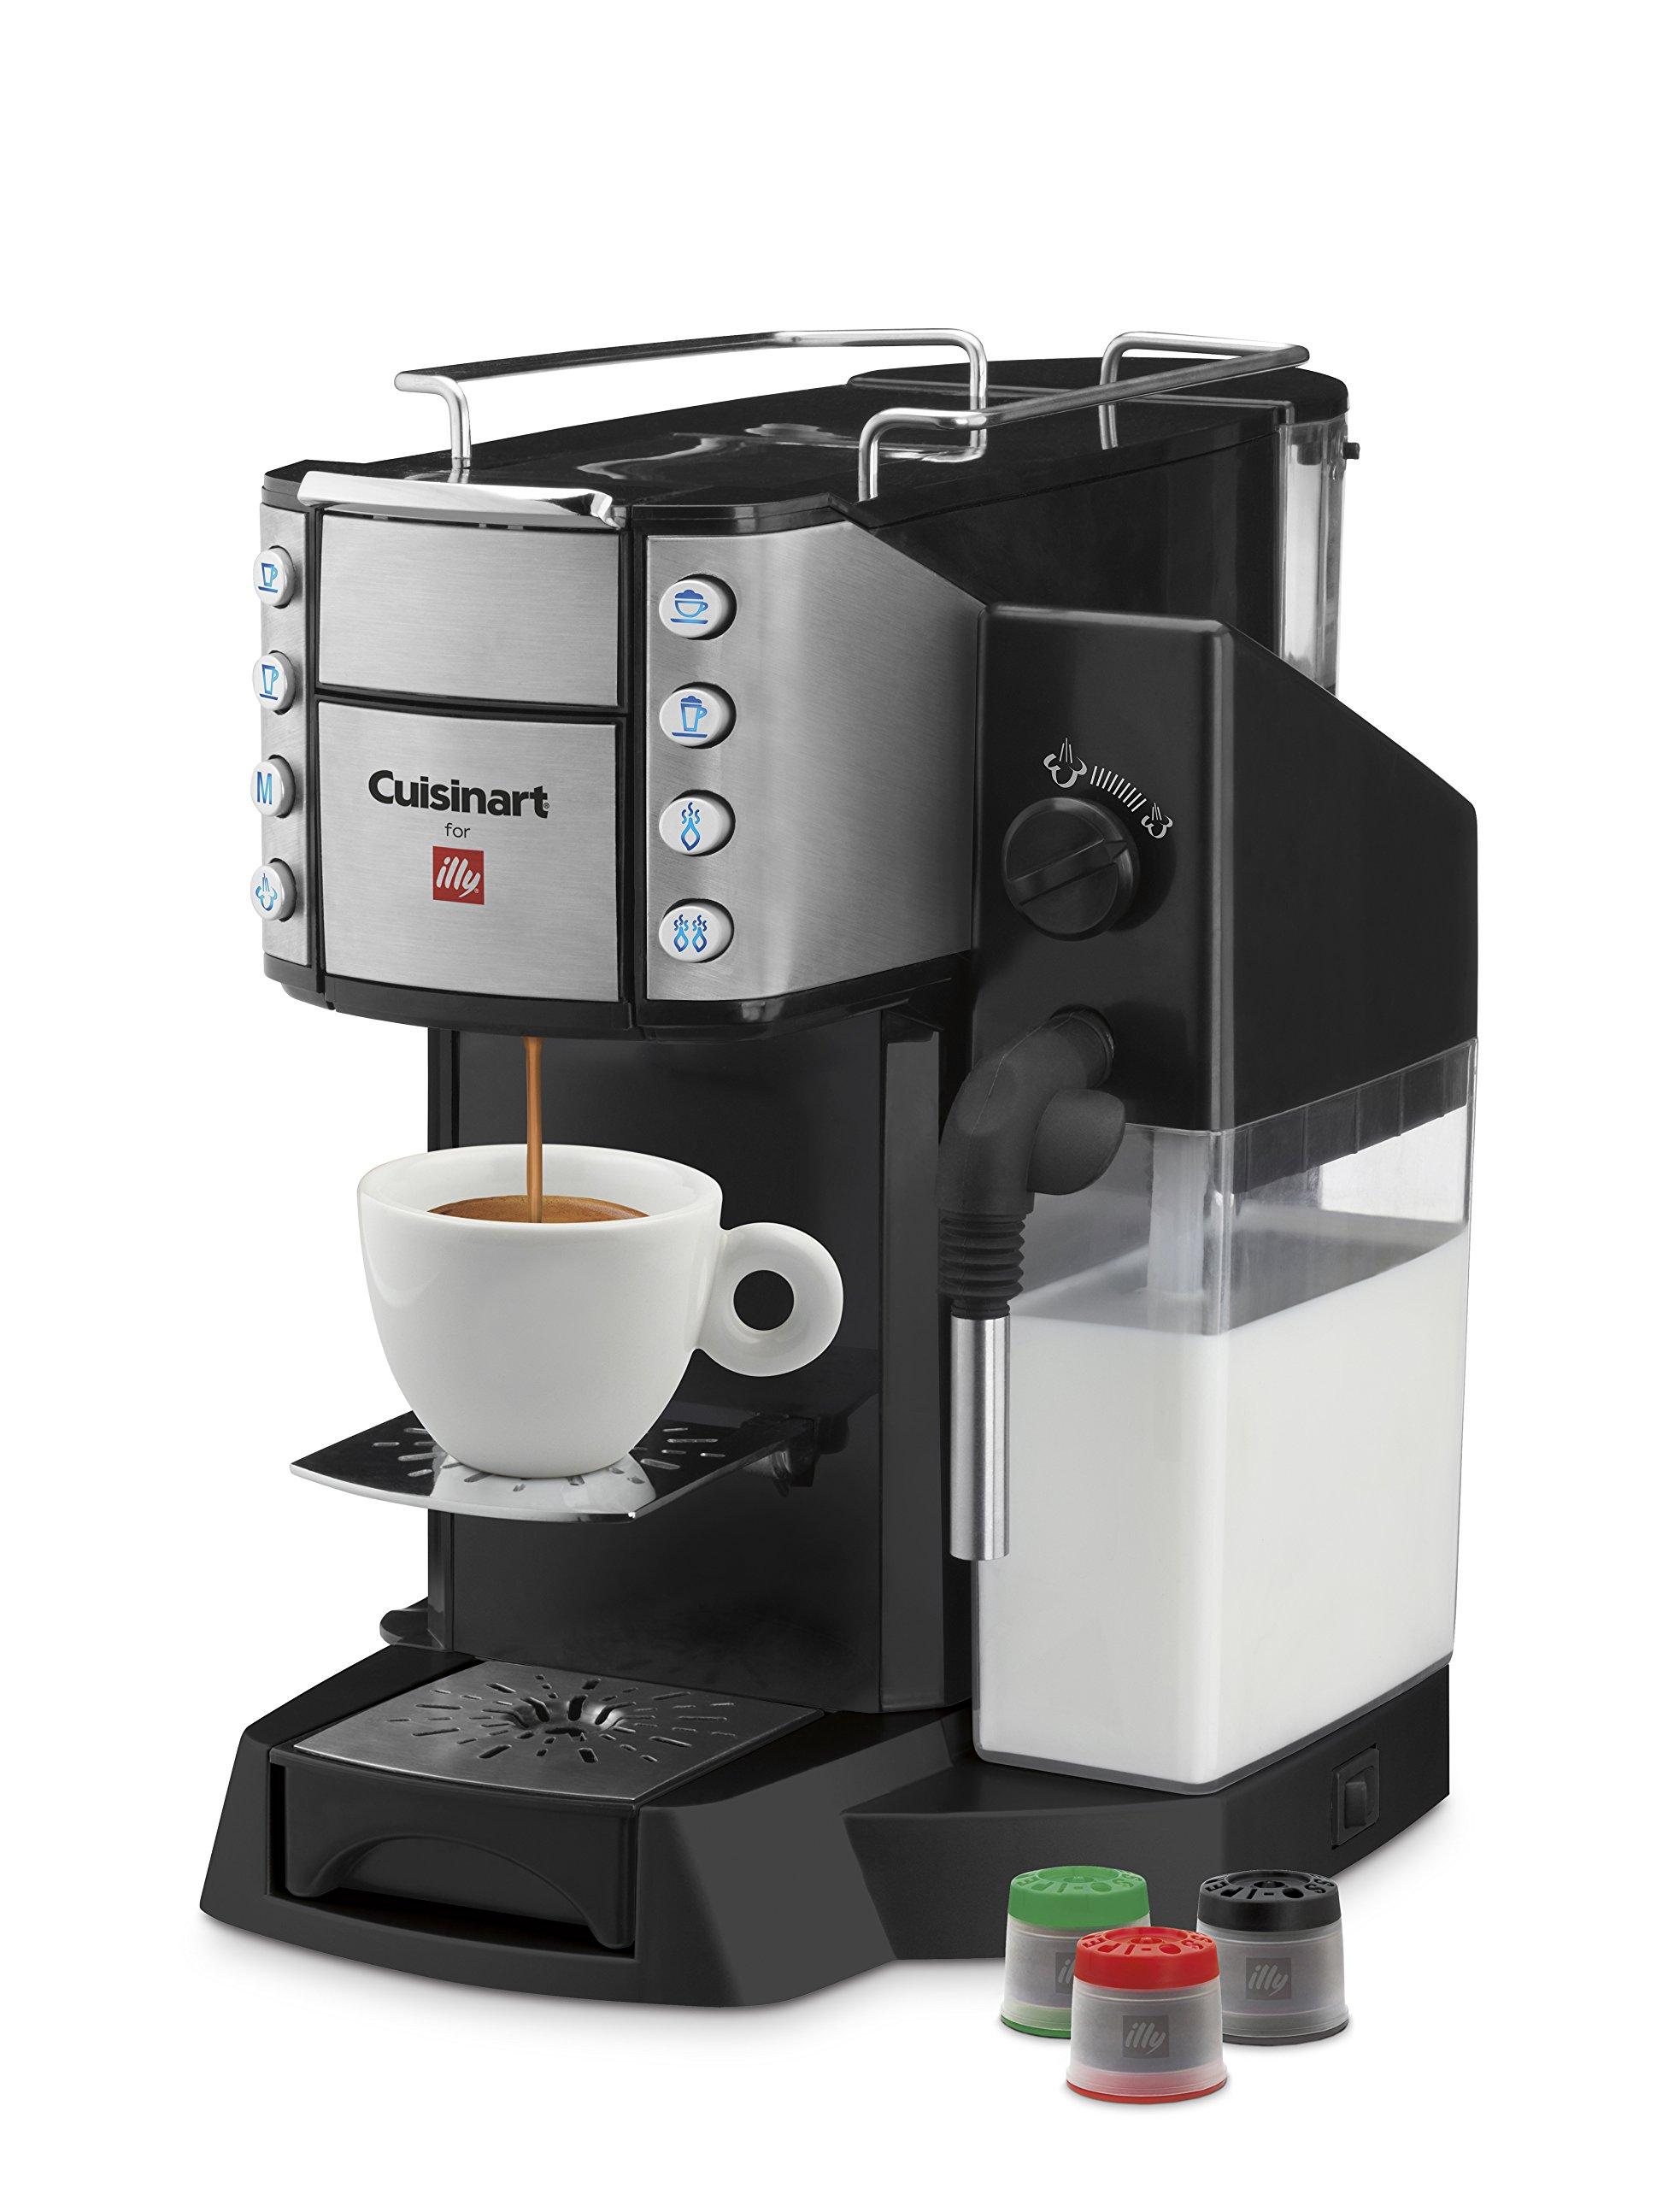 Cuisinart EM-600 Buona Tazza Superautomatic Single Serve Espresso Caffe Latte Cappuccino and Coffee Machine, Black by Cuisinart